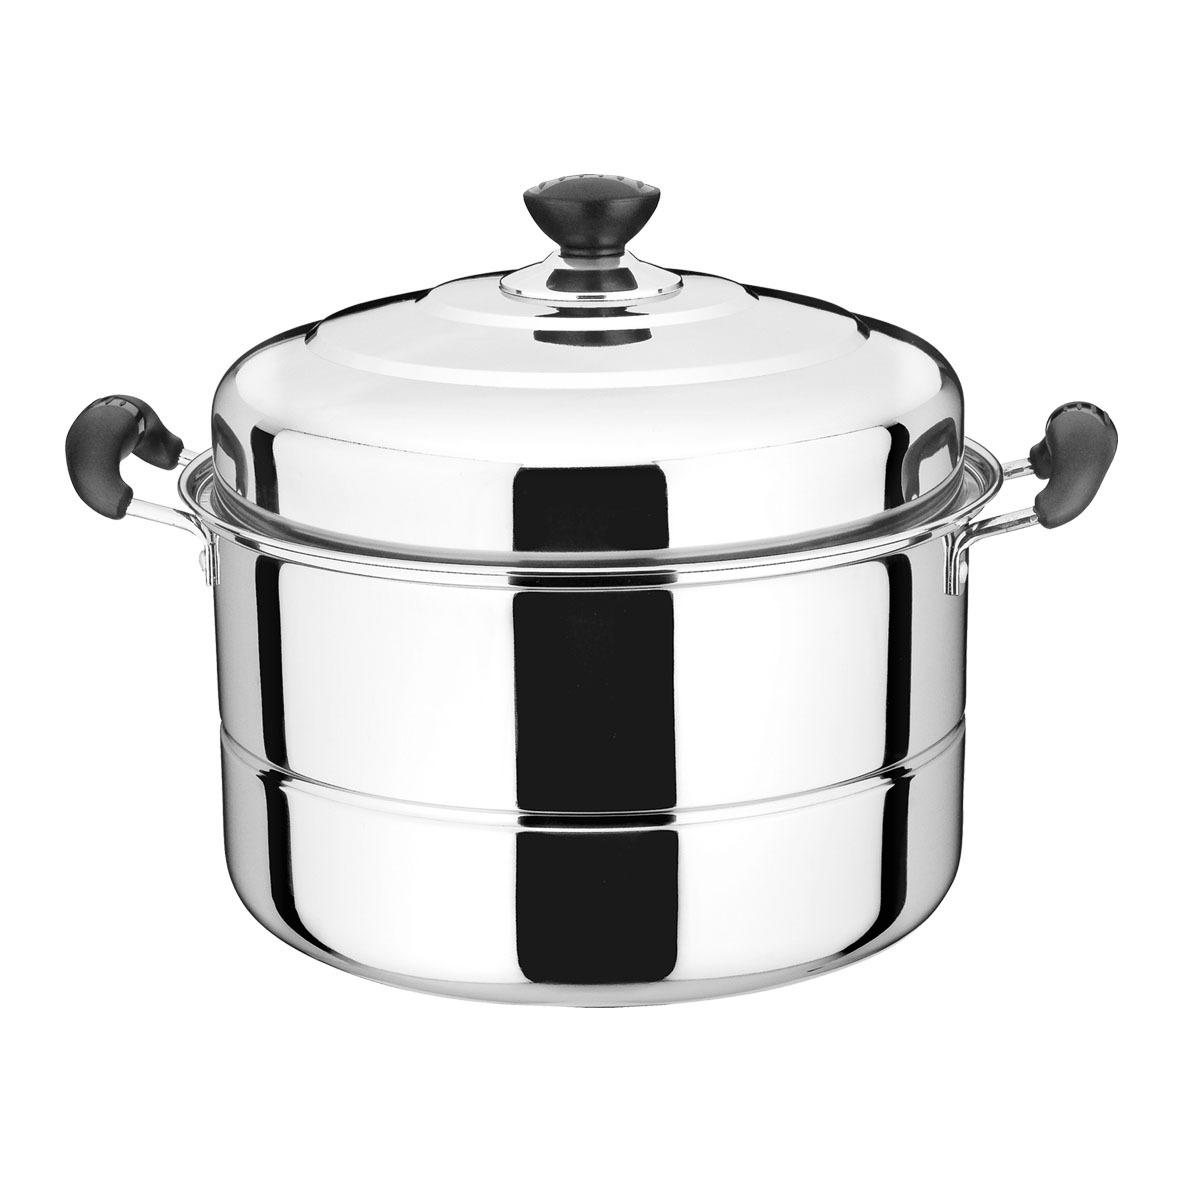 【厂家直销】不锈钢32cm双篦蒸锅多用锅厨房蒸锅带磁加厚加高